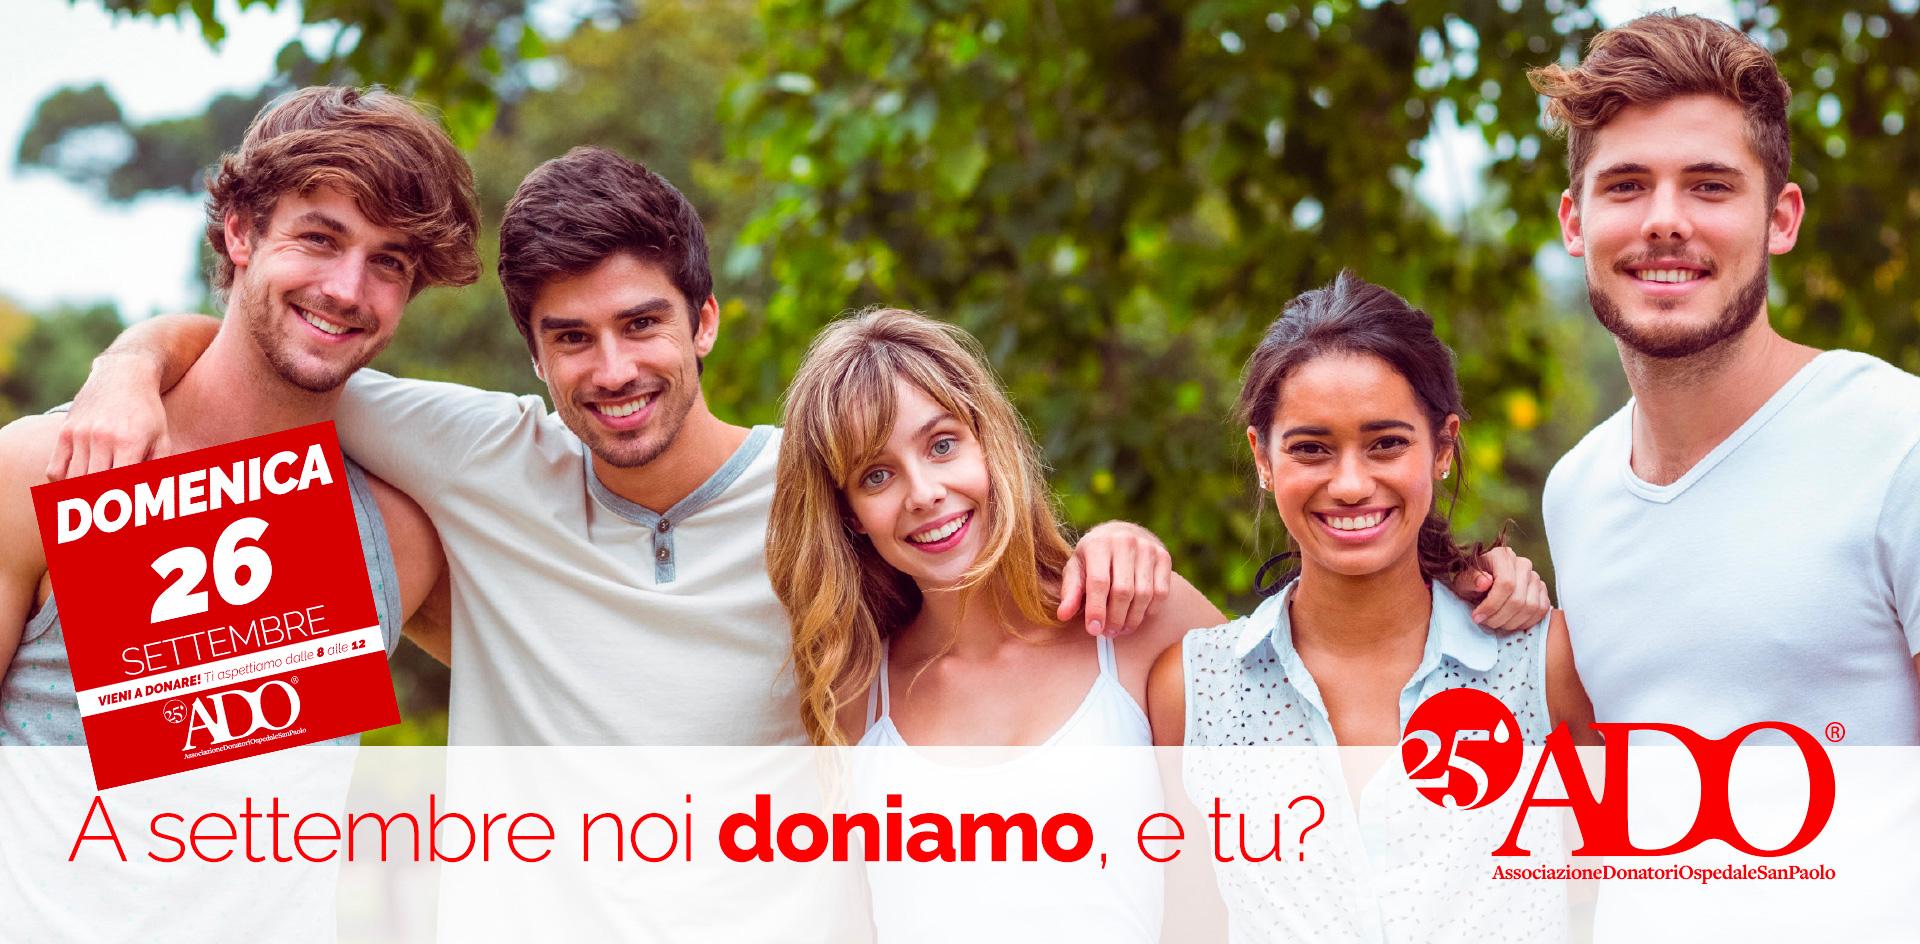 top-banner-sito-donazione-domenica-settembre-ado-milano